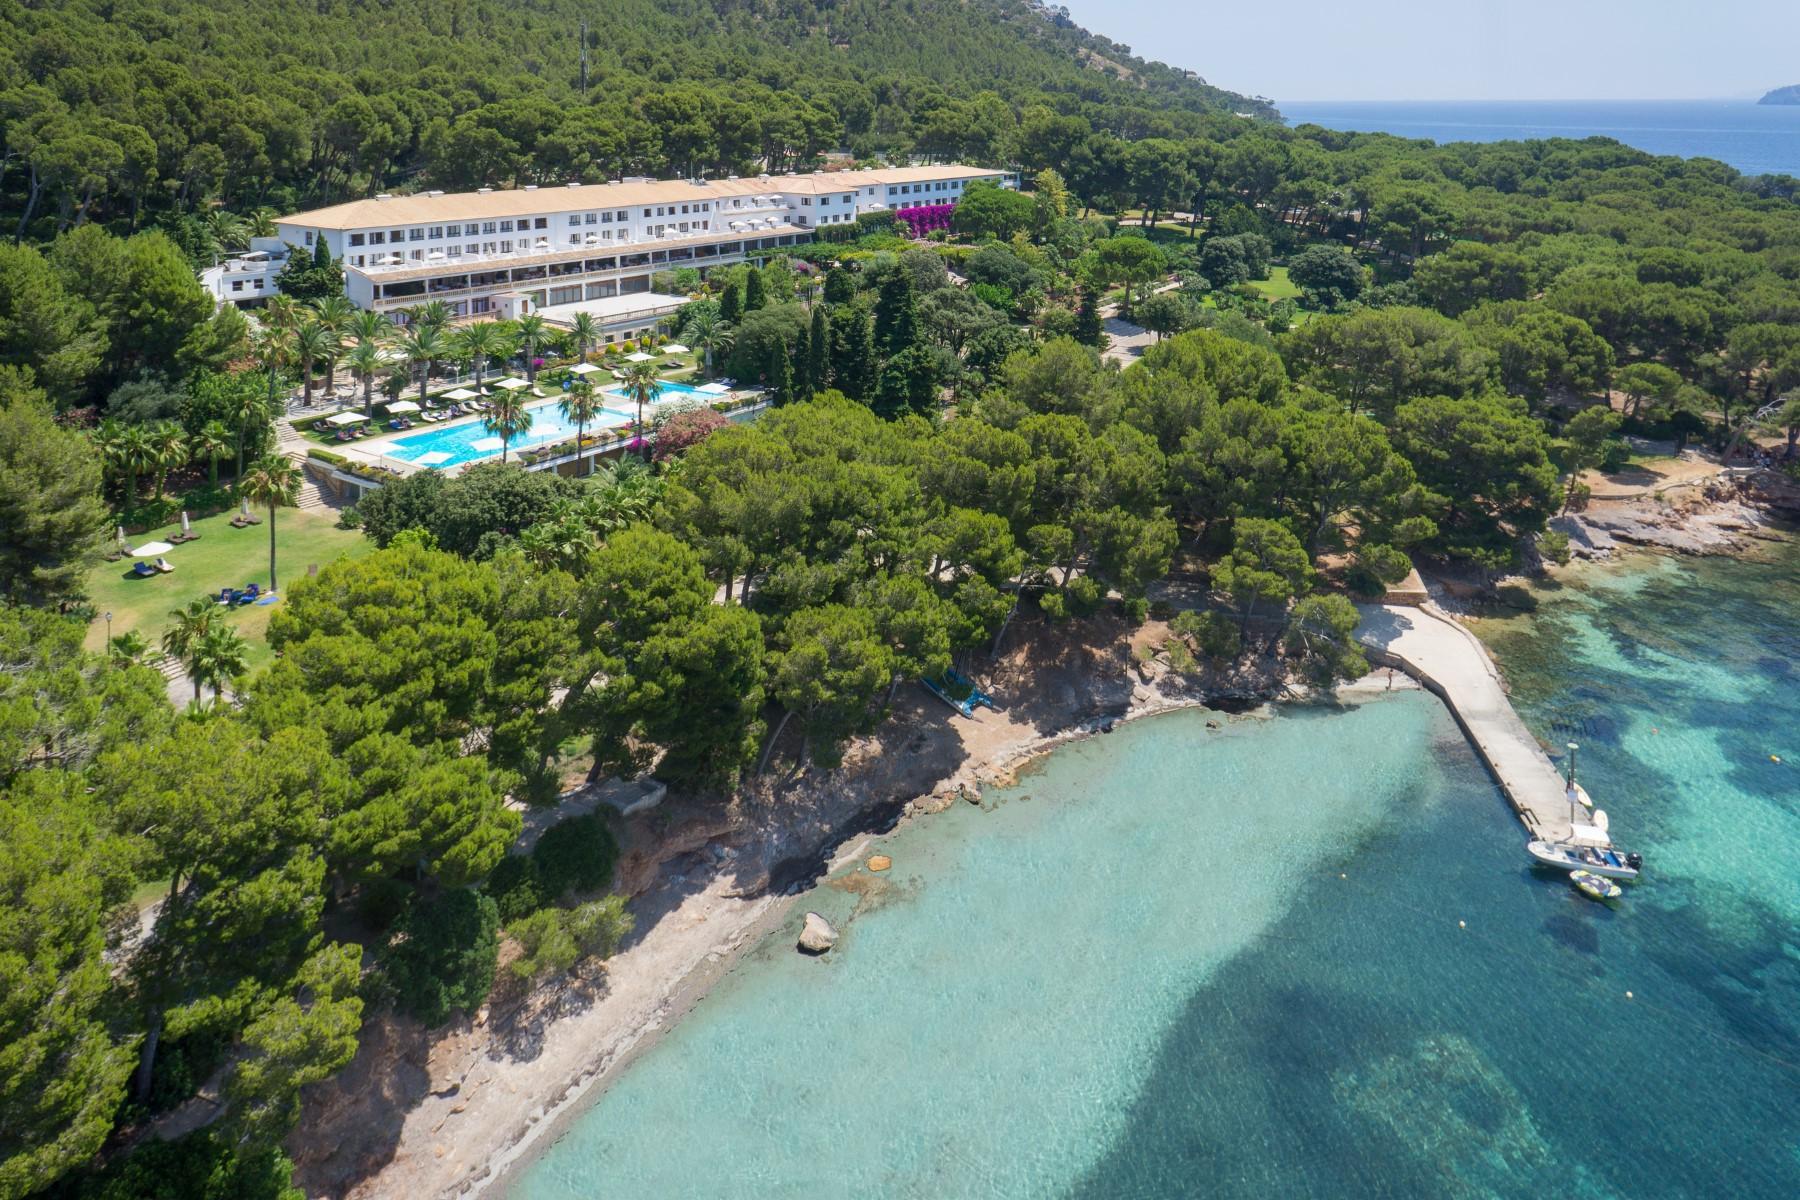 Resortet Cap Formentor Hotel på det nordlige Mallorca har blandt meget andet 121 dobbeltværelser samt fire restauranter. PR-foto.